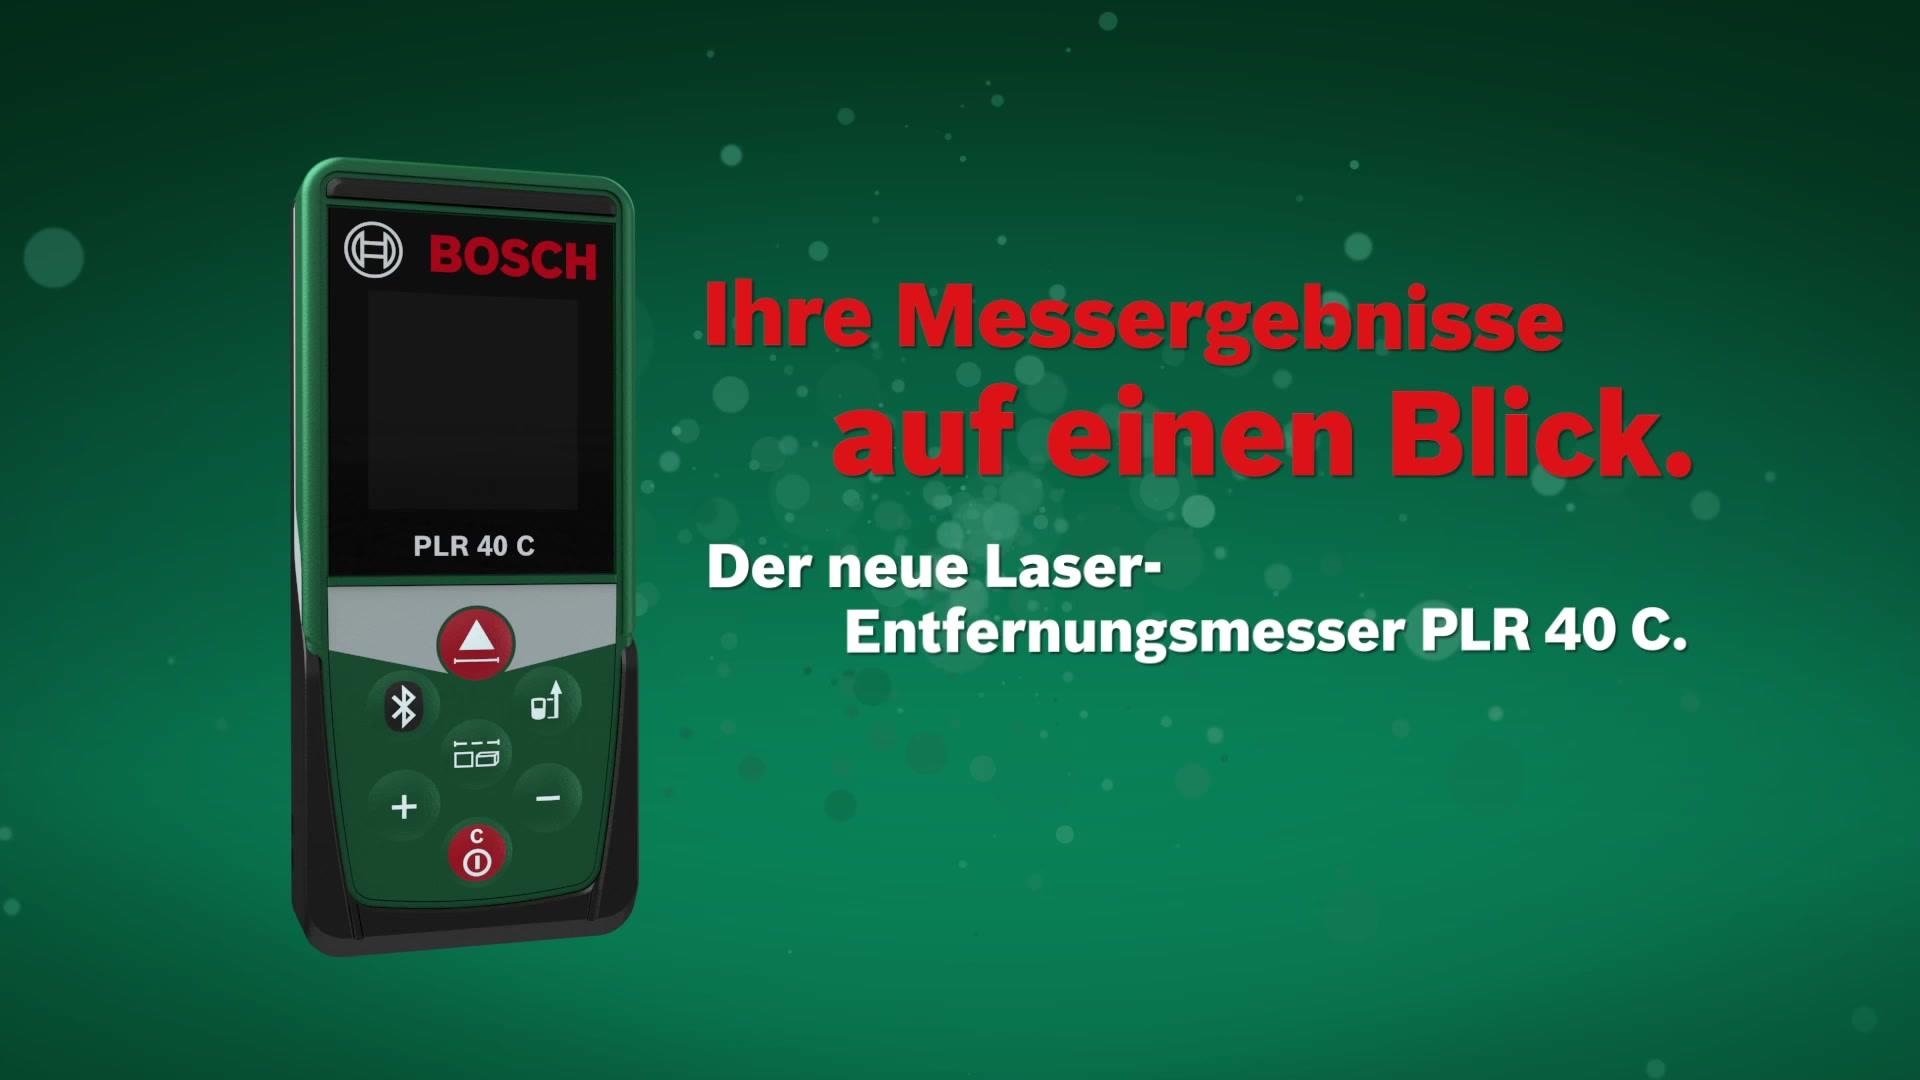 Bosch Entfernungsmesser Dle 40 : Bosch laser entfernungsmesser plr c« hagebau